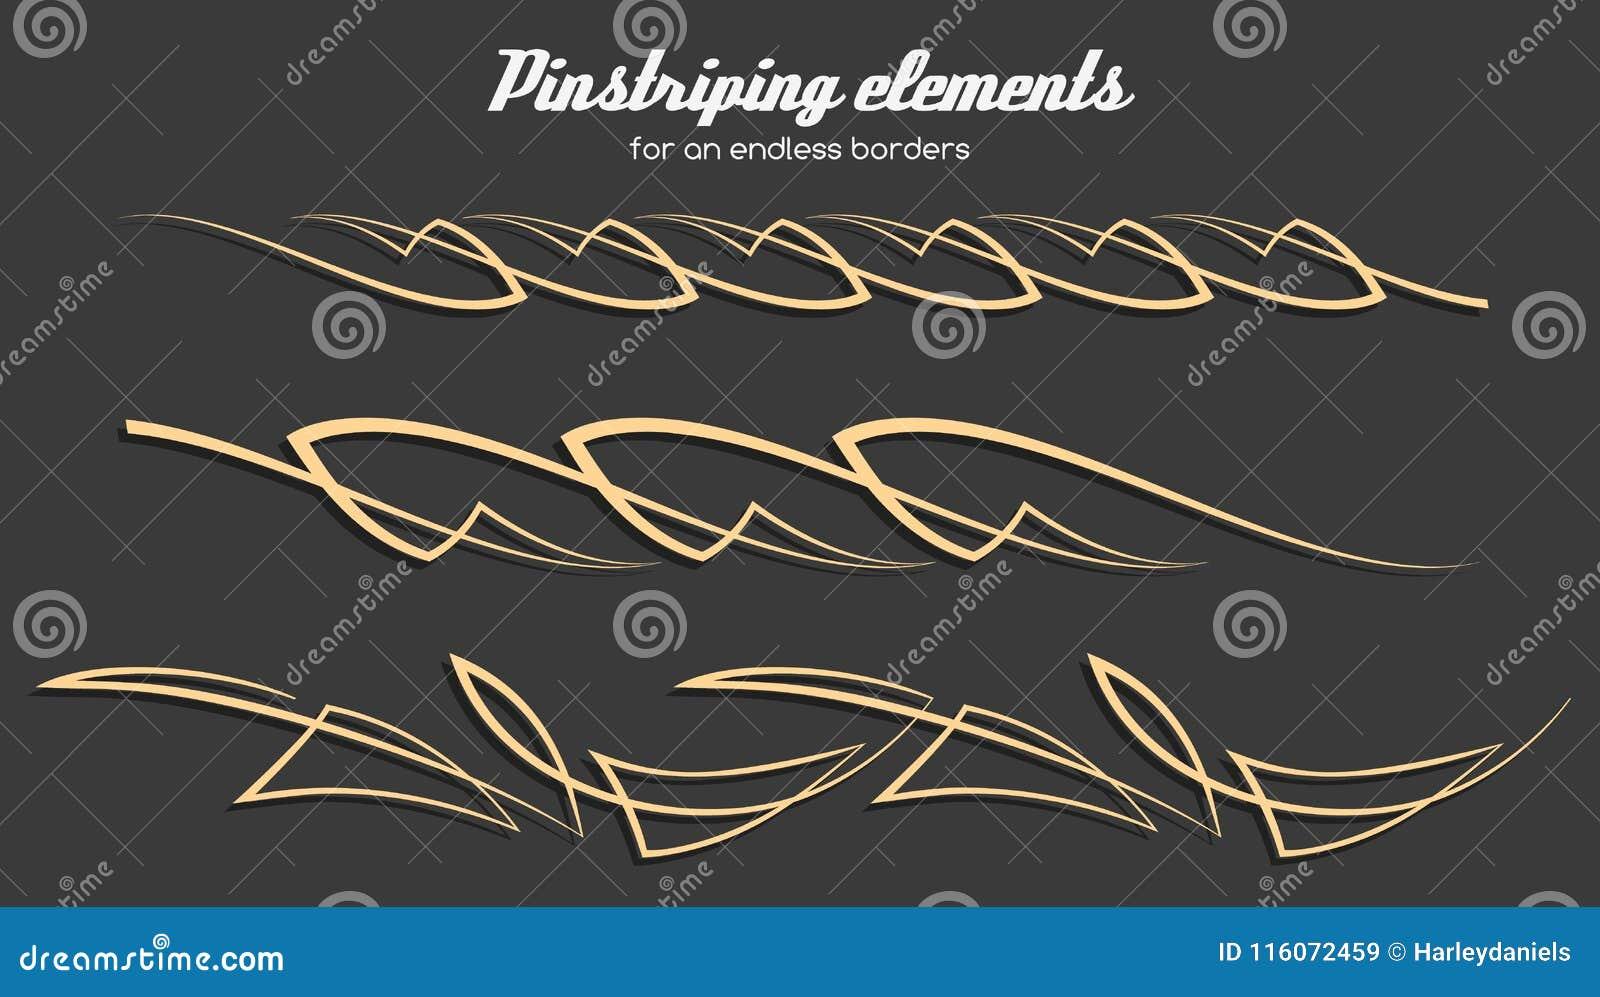 Pinstriping Ornament Elements Vector Set Stock Vector Illustration Of Pinstriping Racing 116072459